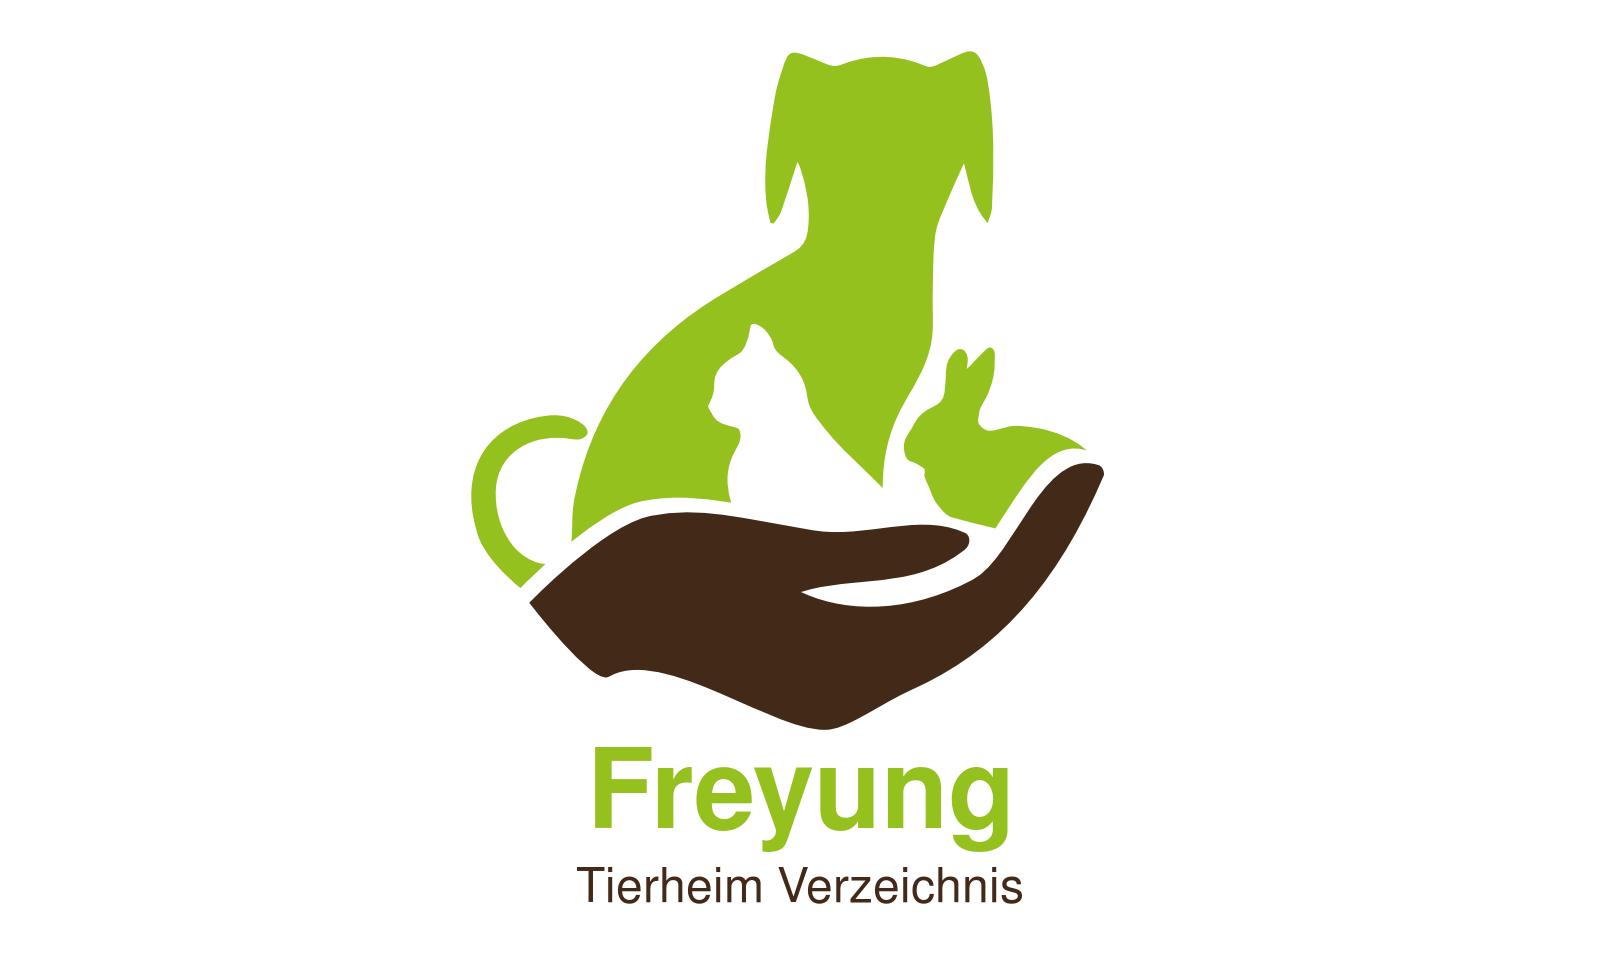 Tierheim Freyung